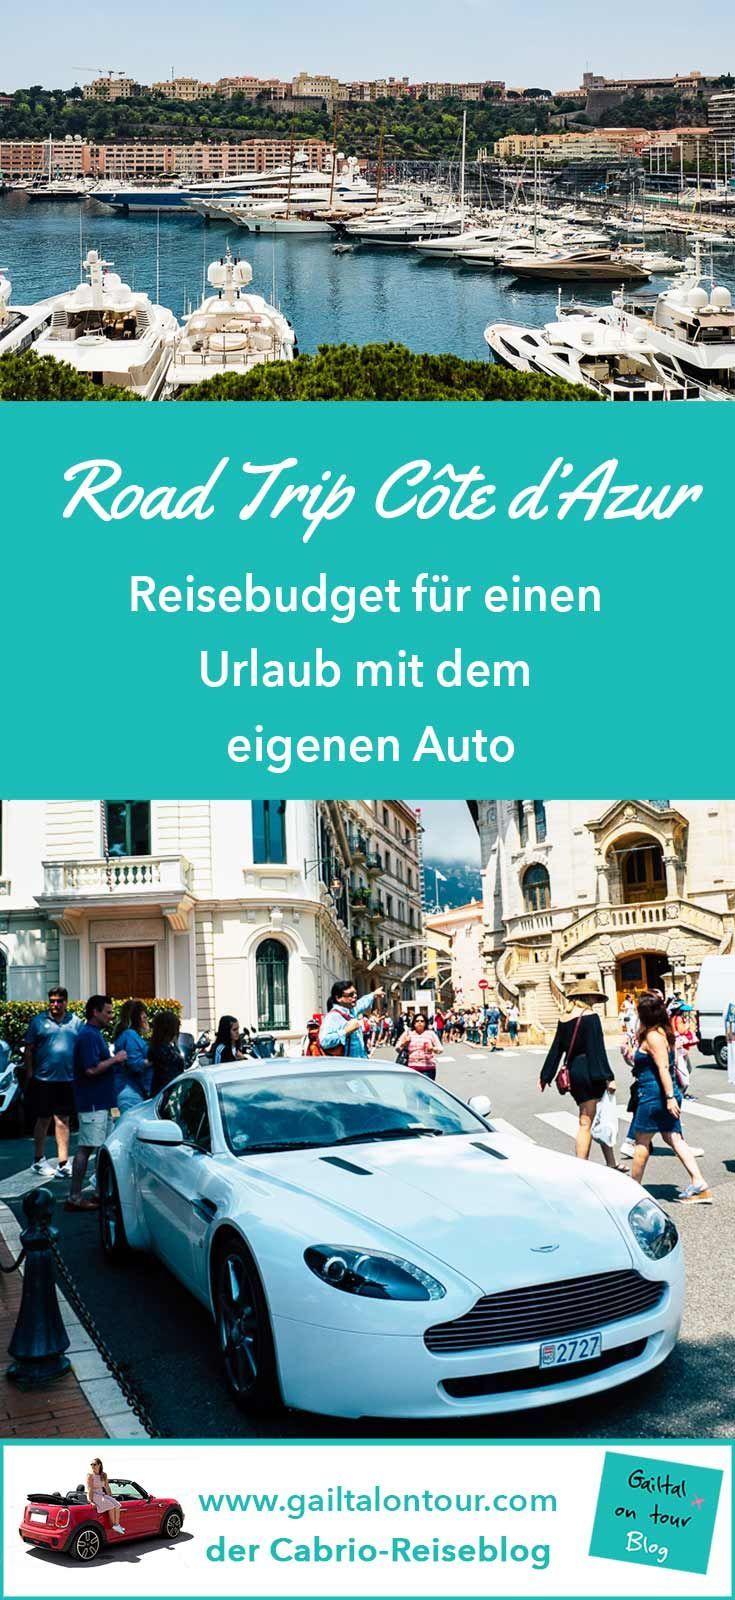 Reisekosten Urlaub mit dem eigenen Auto an die #Côte d'Azur. So teuer ist eine #Reise mit dem #Auto wirklich